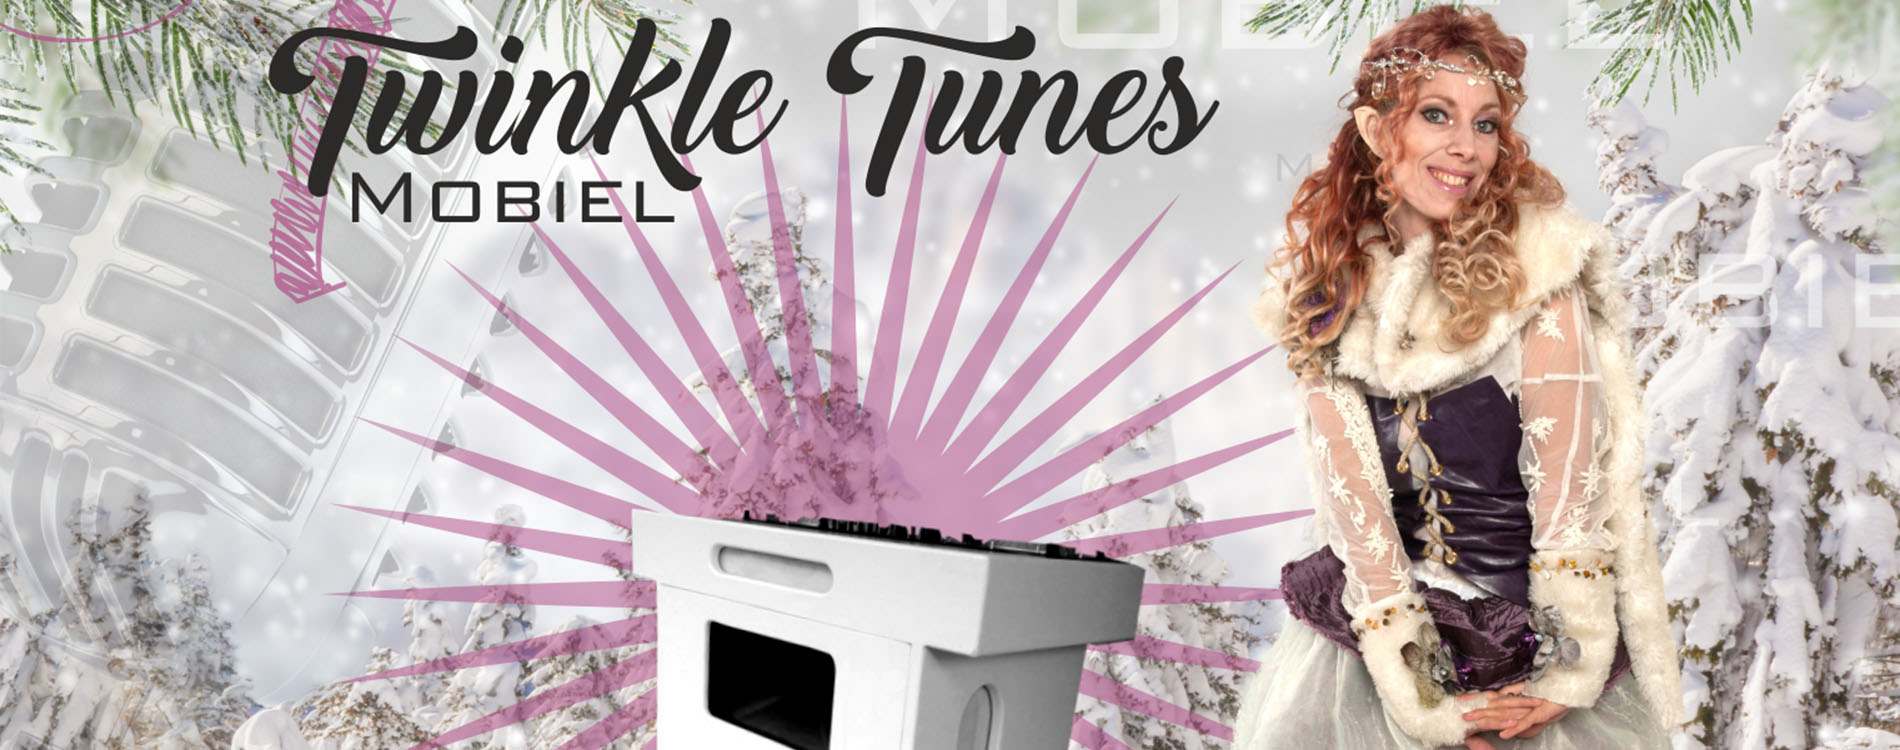 Kerstact Mobiele DJ Twinkle Tunes HEADER 1